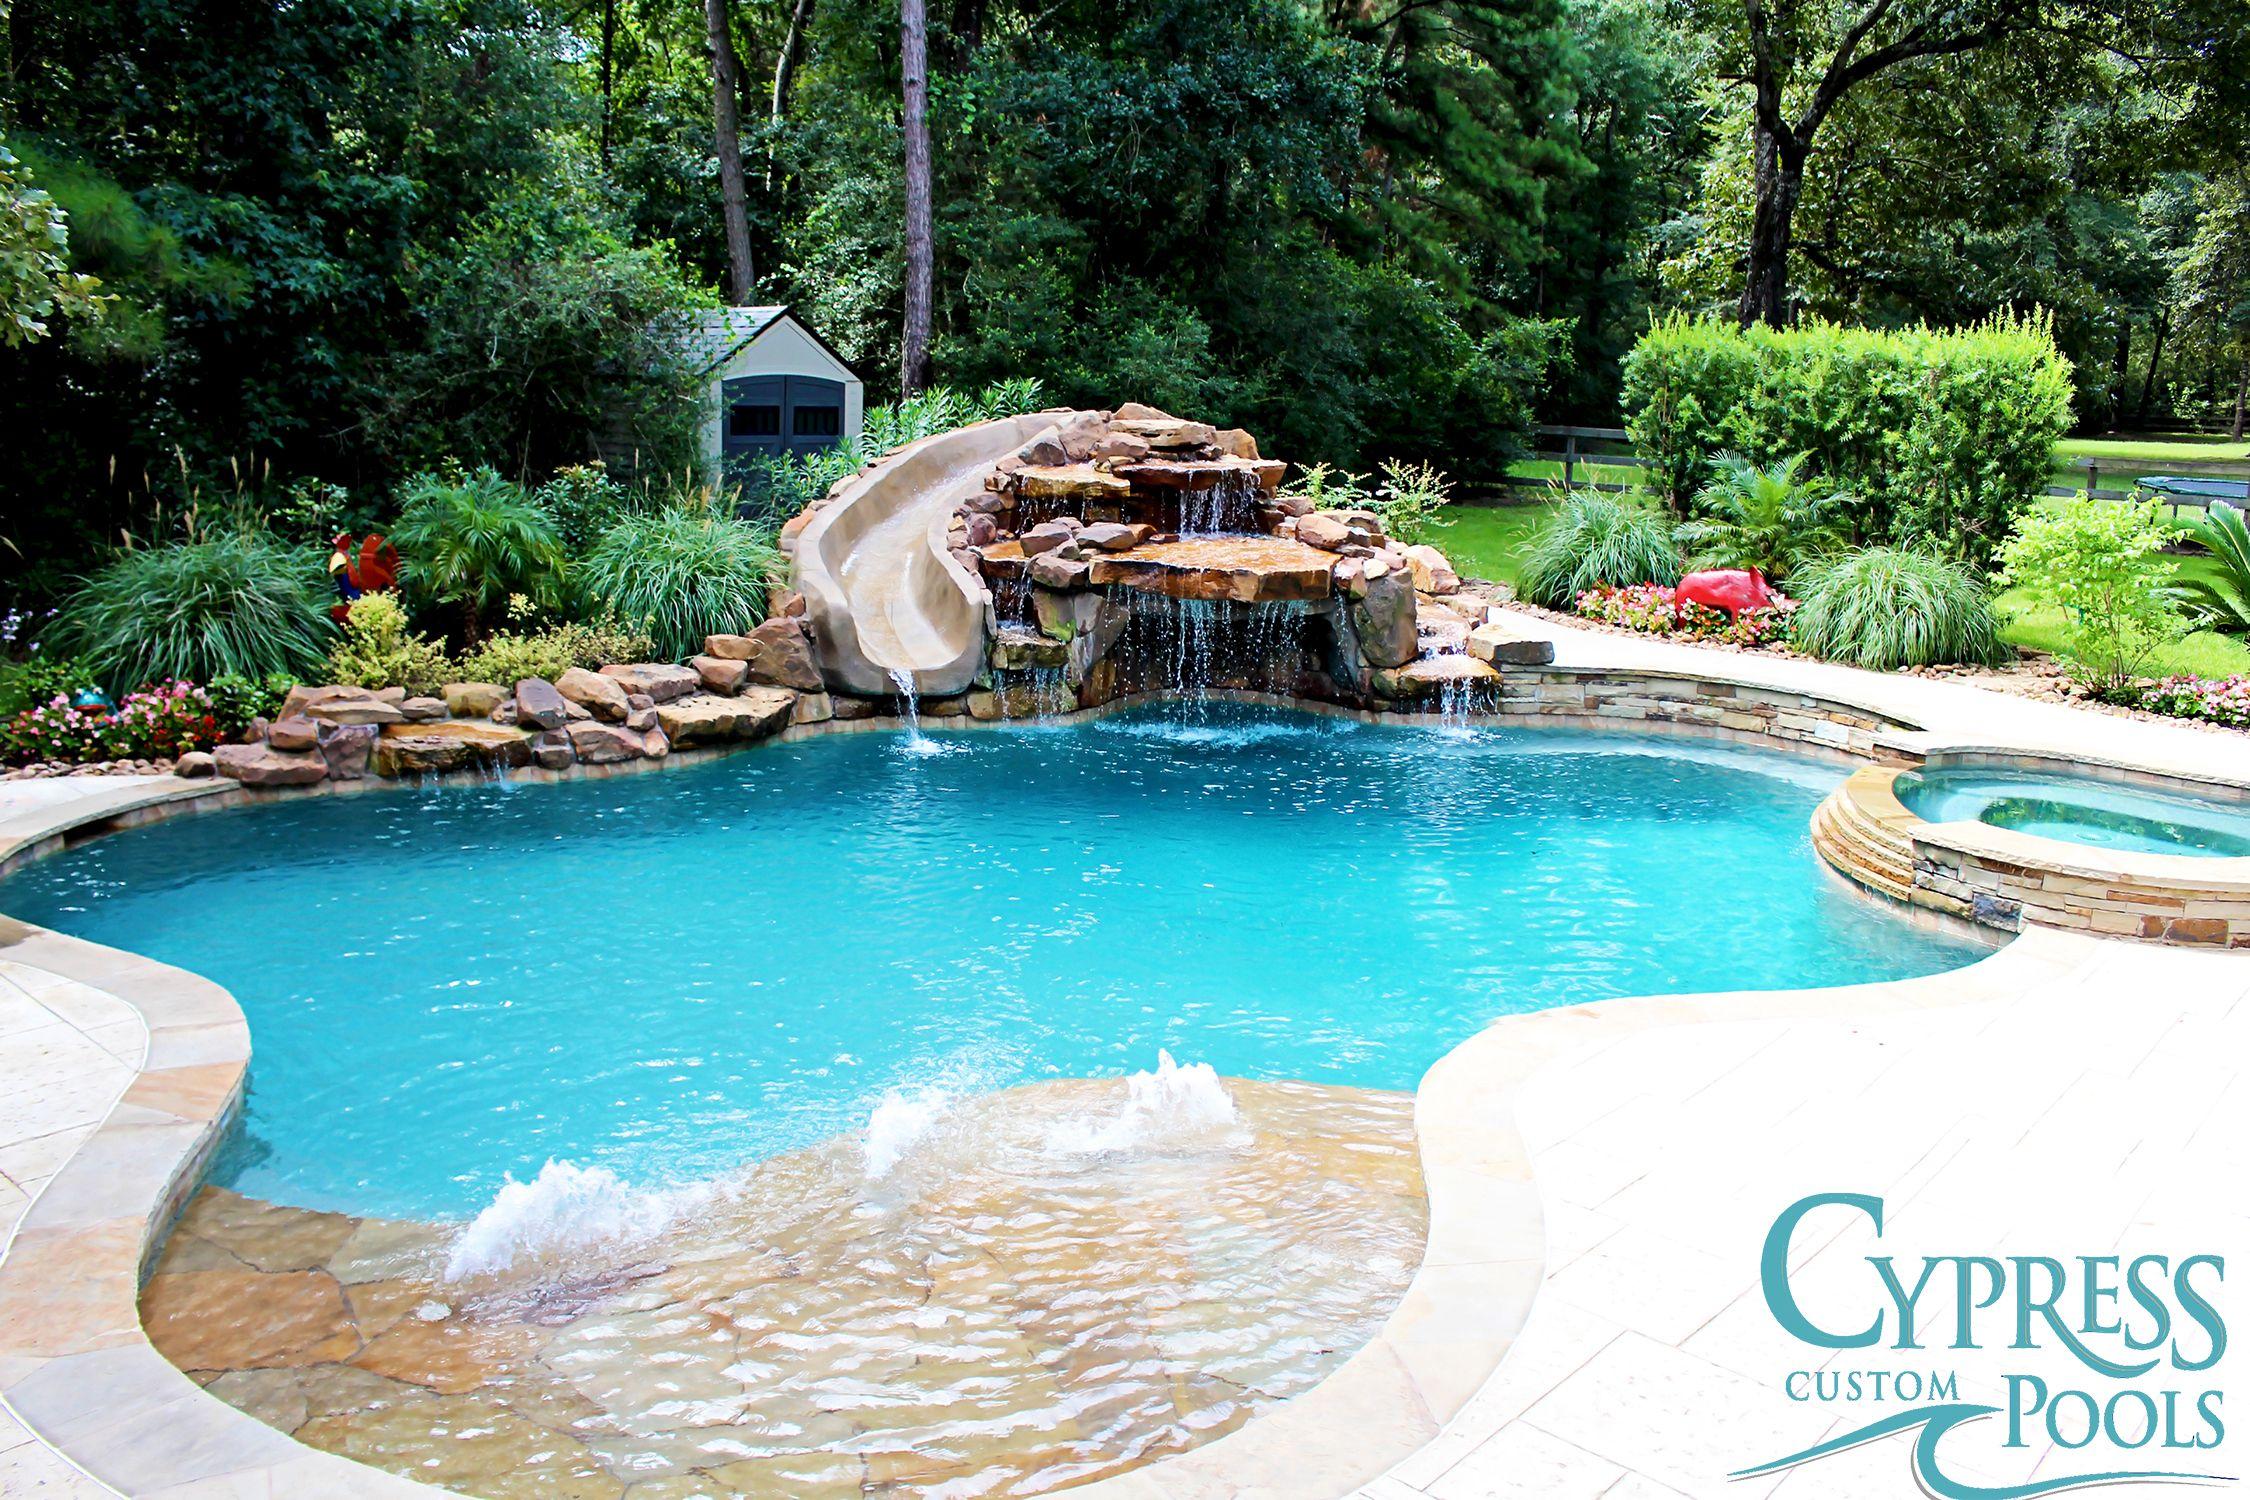 Wright 79 Jpg 2250 1500 Pools Backyard Inground Swimming Pool Designs Backyard Pool